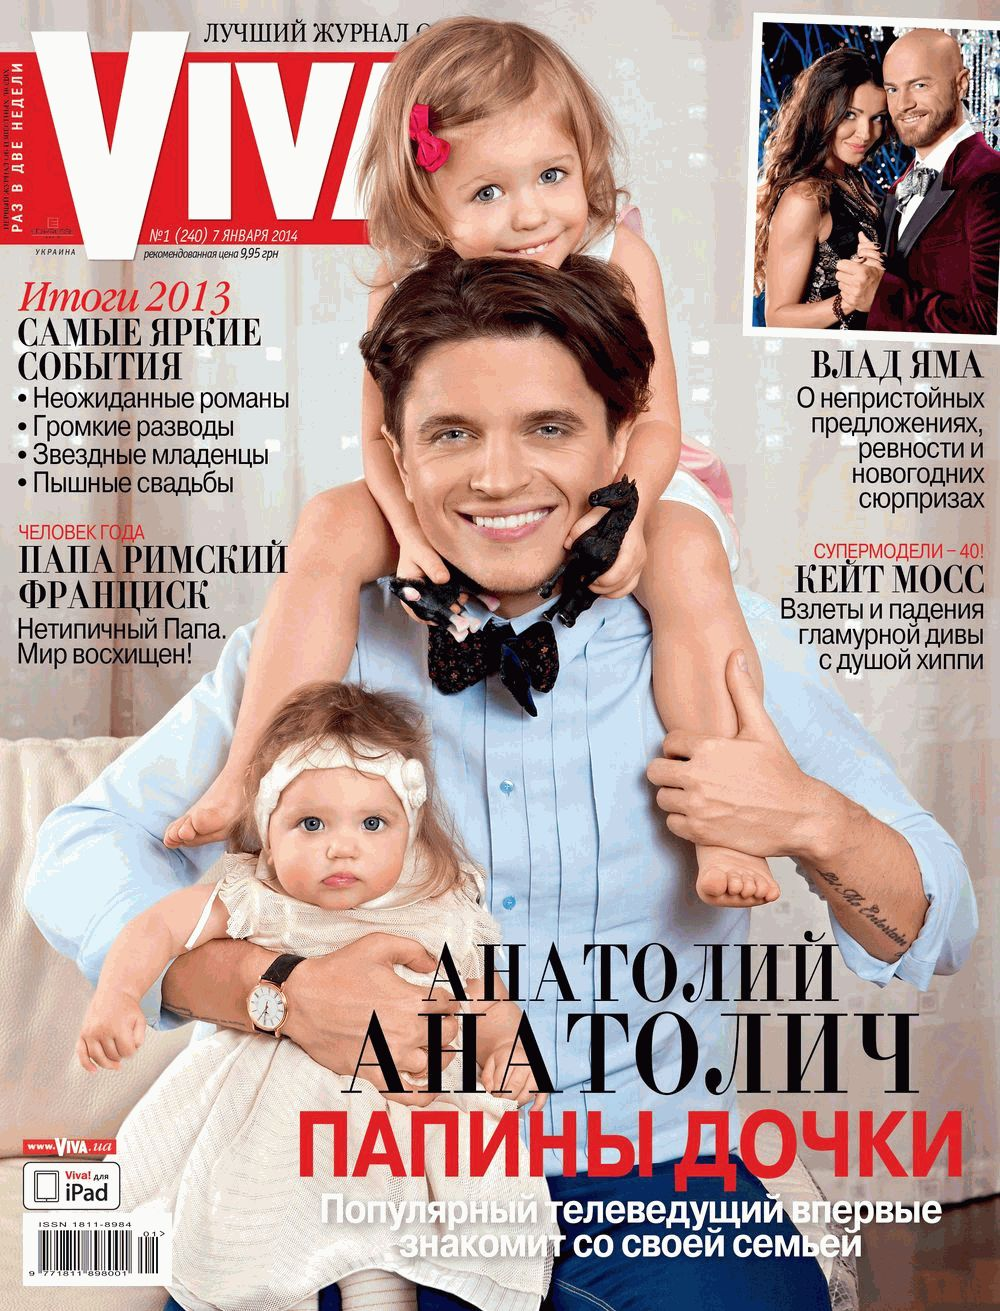 Анатолий Анатолич обложка